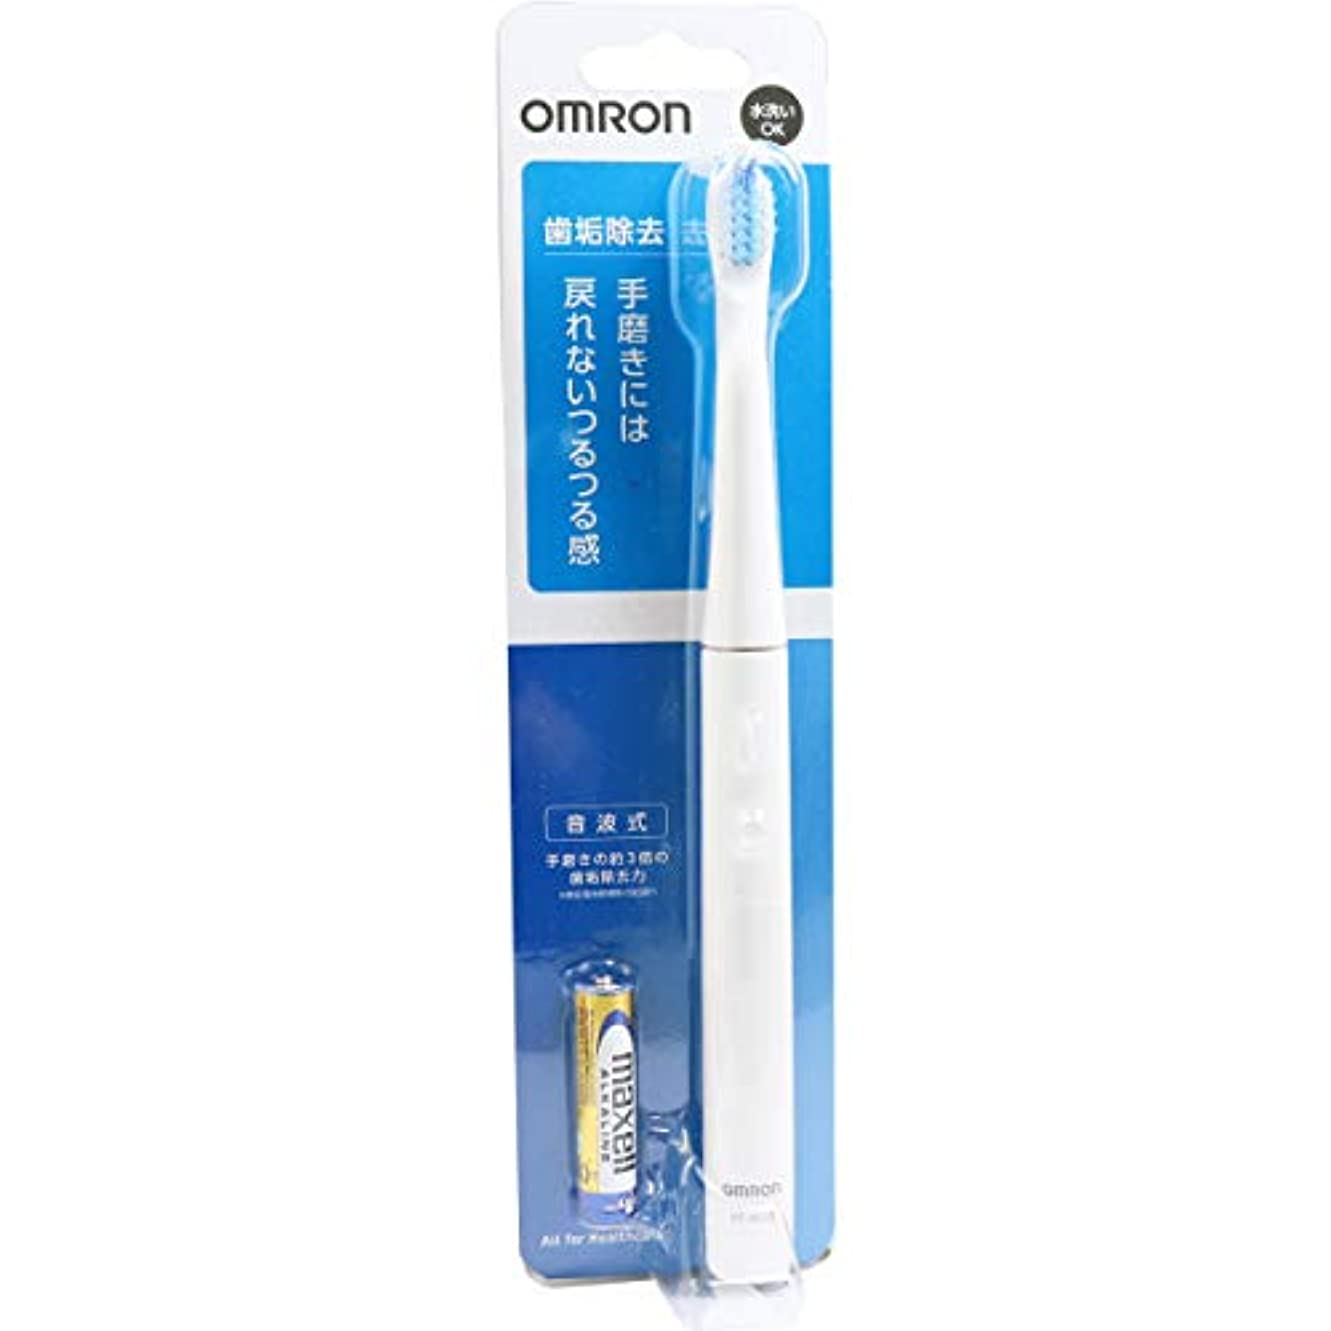 瞑想的デコードするフィドルオムロン 音波式電動歯ブラシ HT-B220-W ホワイト×10個セット